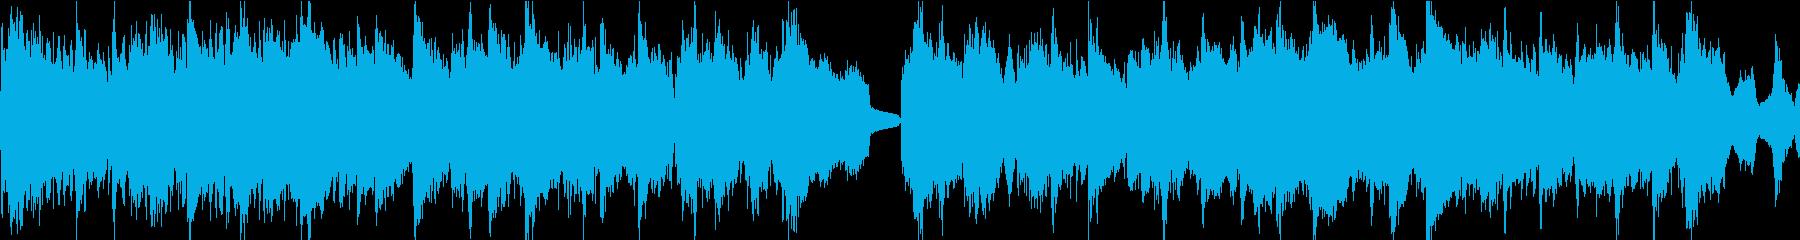 からくりピエロ アコーディオン 機械仕掛の再生済みの波形